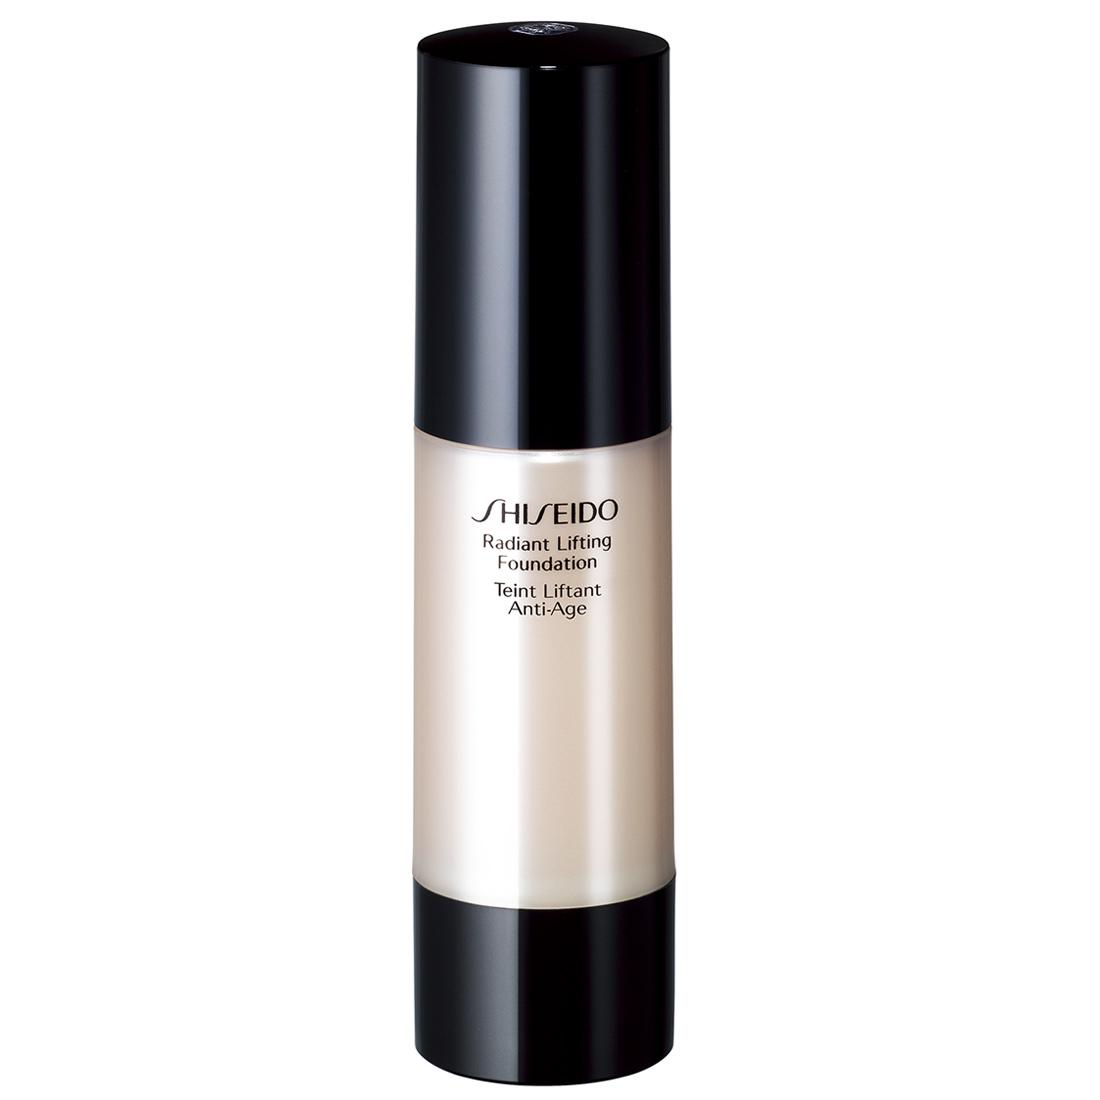 Shiseido - Teint Liftant Anti Age